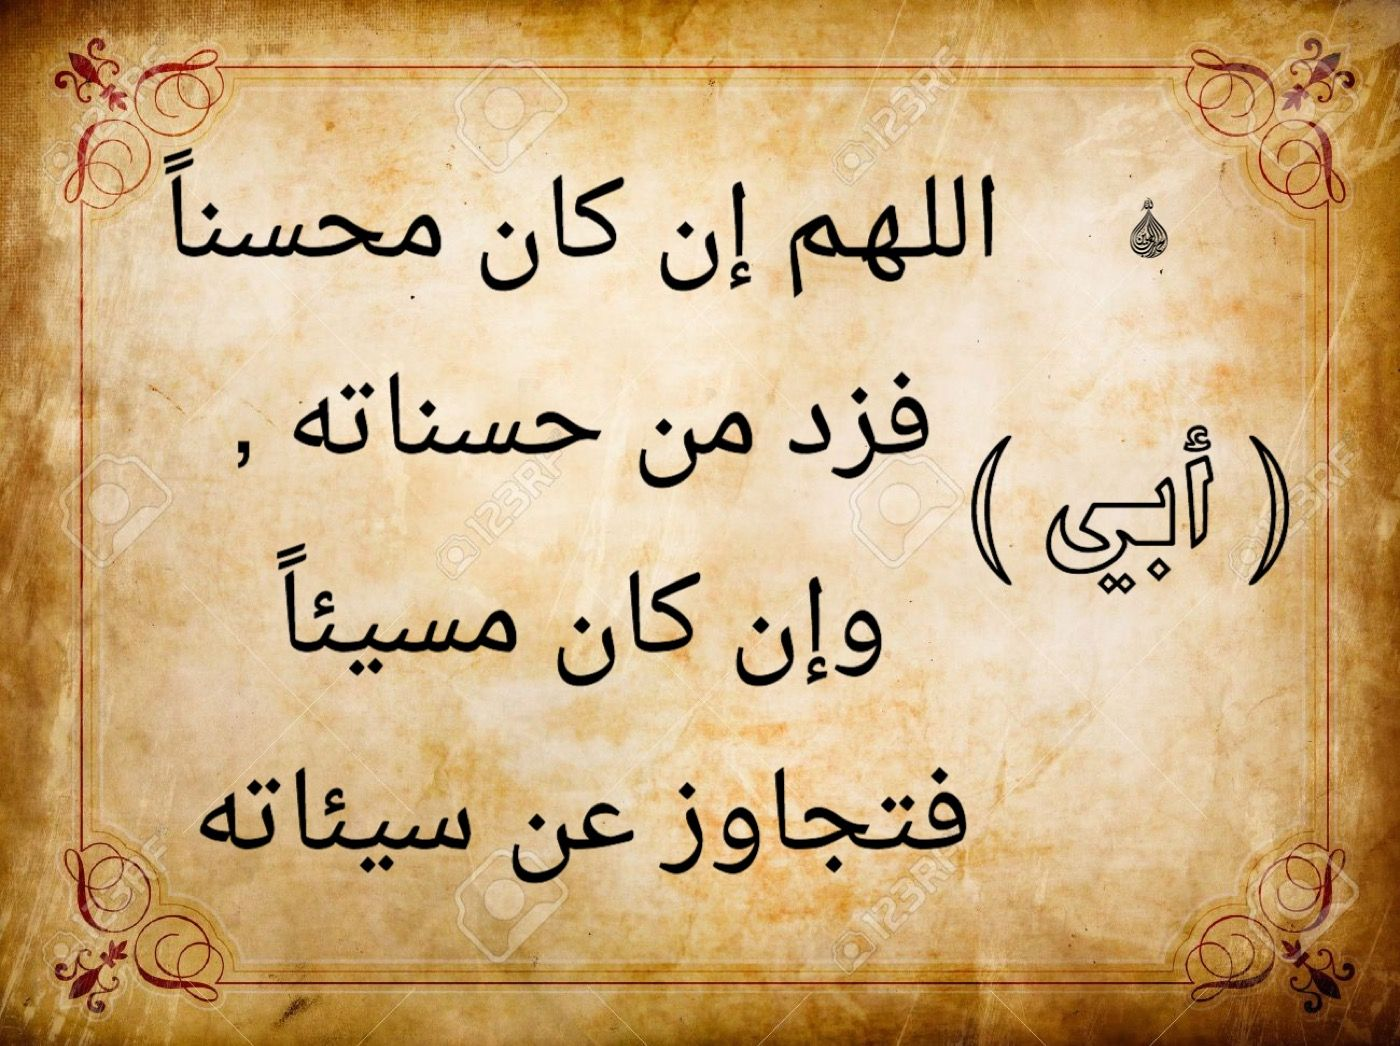 بالصور صور عن الدين , الدين واجمل صور له 4653 17